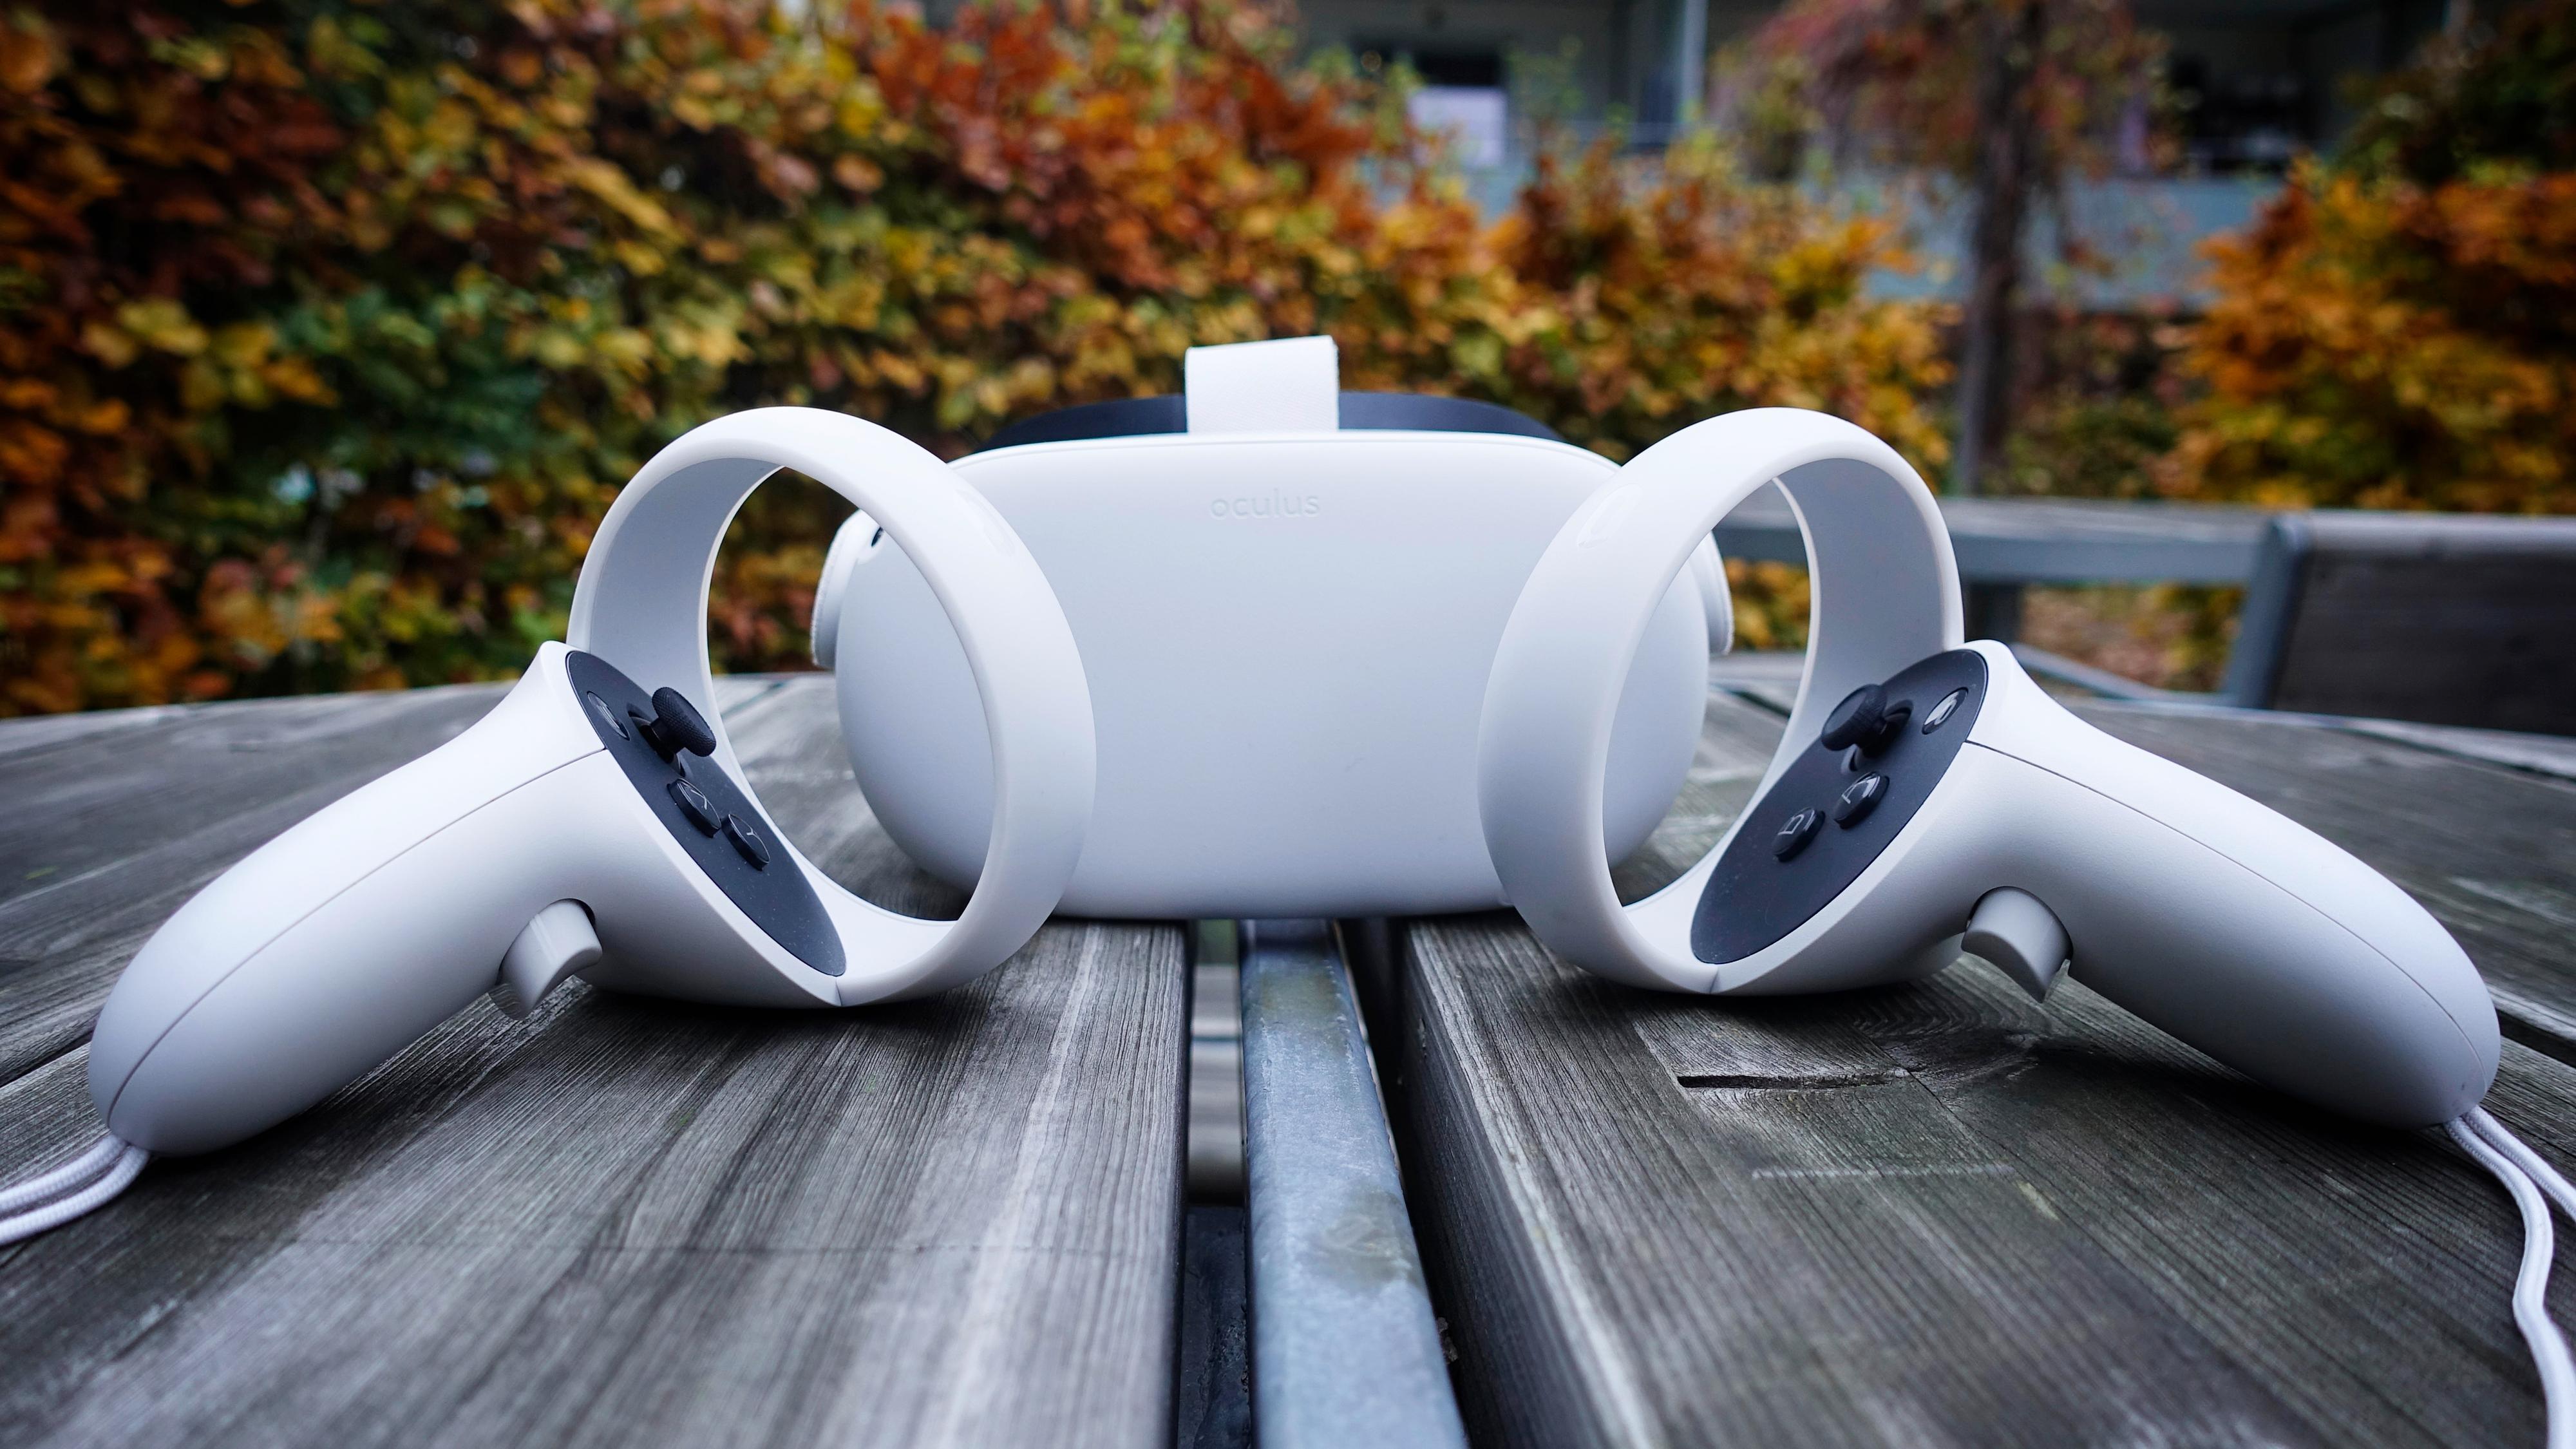 VR har aldri vært så enkelt og så bra som med Oculus Quest 2